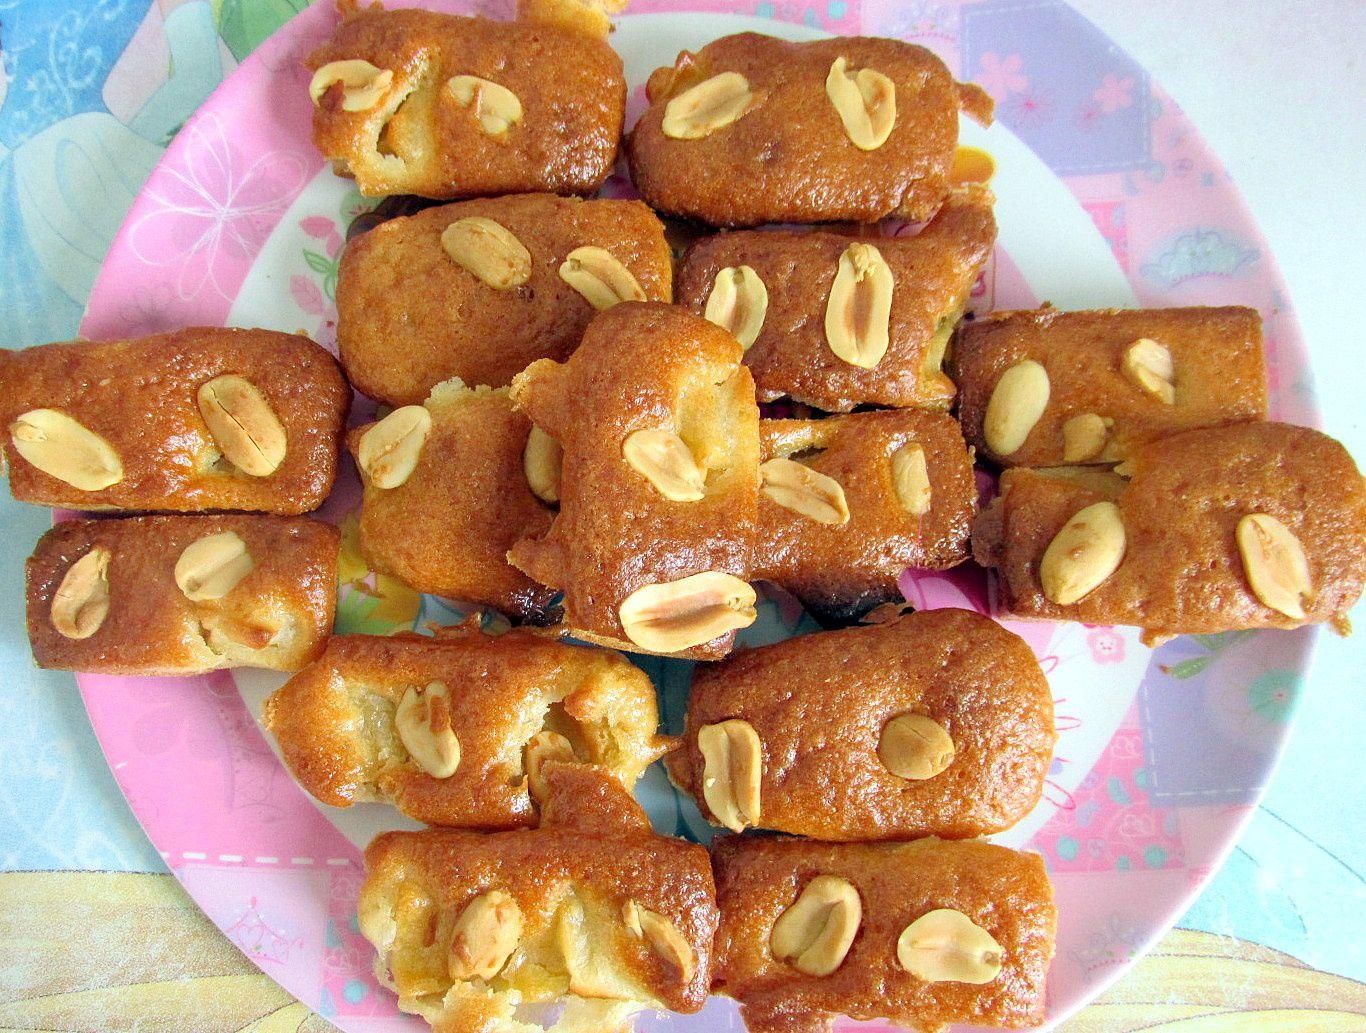 1. Petits individuels à la pomme fourrés et agrémentés de cacahuètes 2. Minis aux dés de pomme et cacahuètes